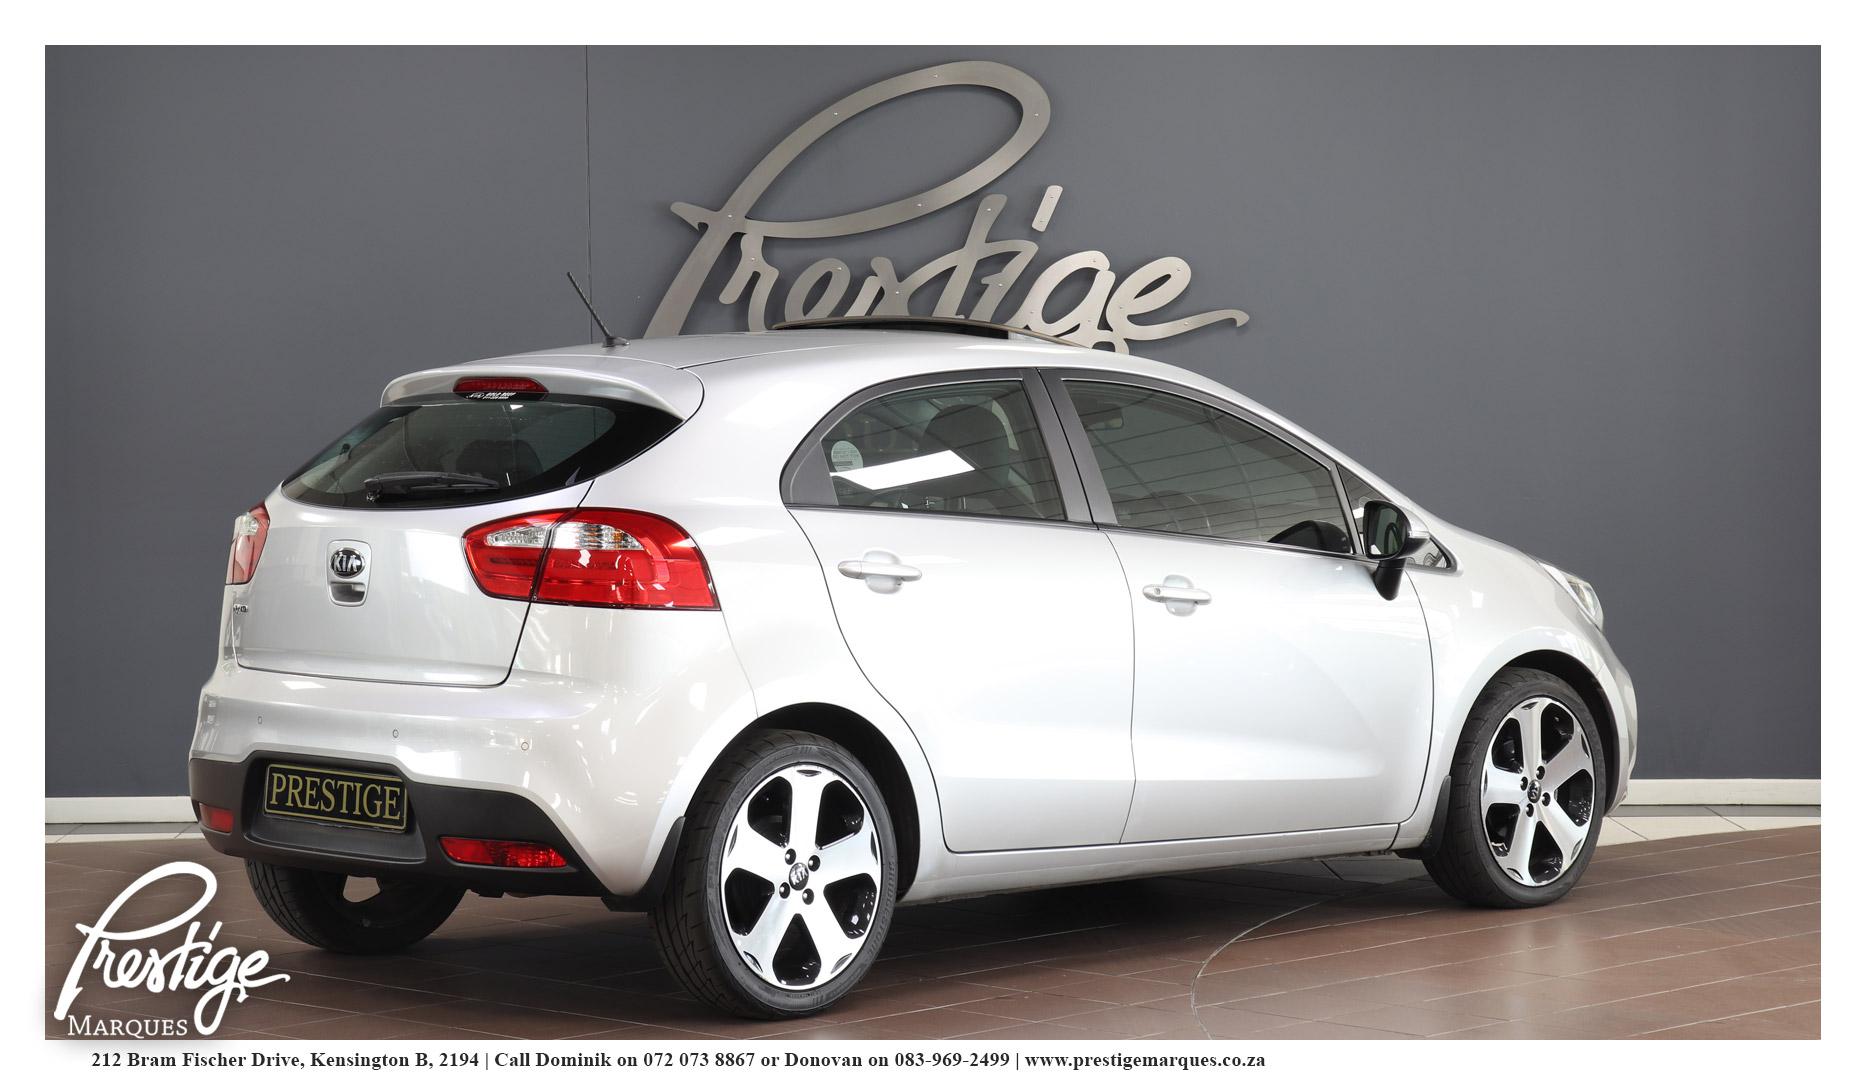 2014-Kia-Rio-Tec-Prestige-Marques-Randburg-Sandton-3